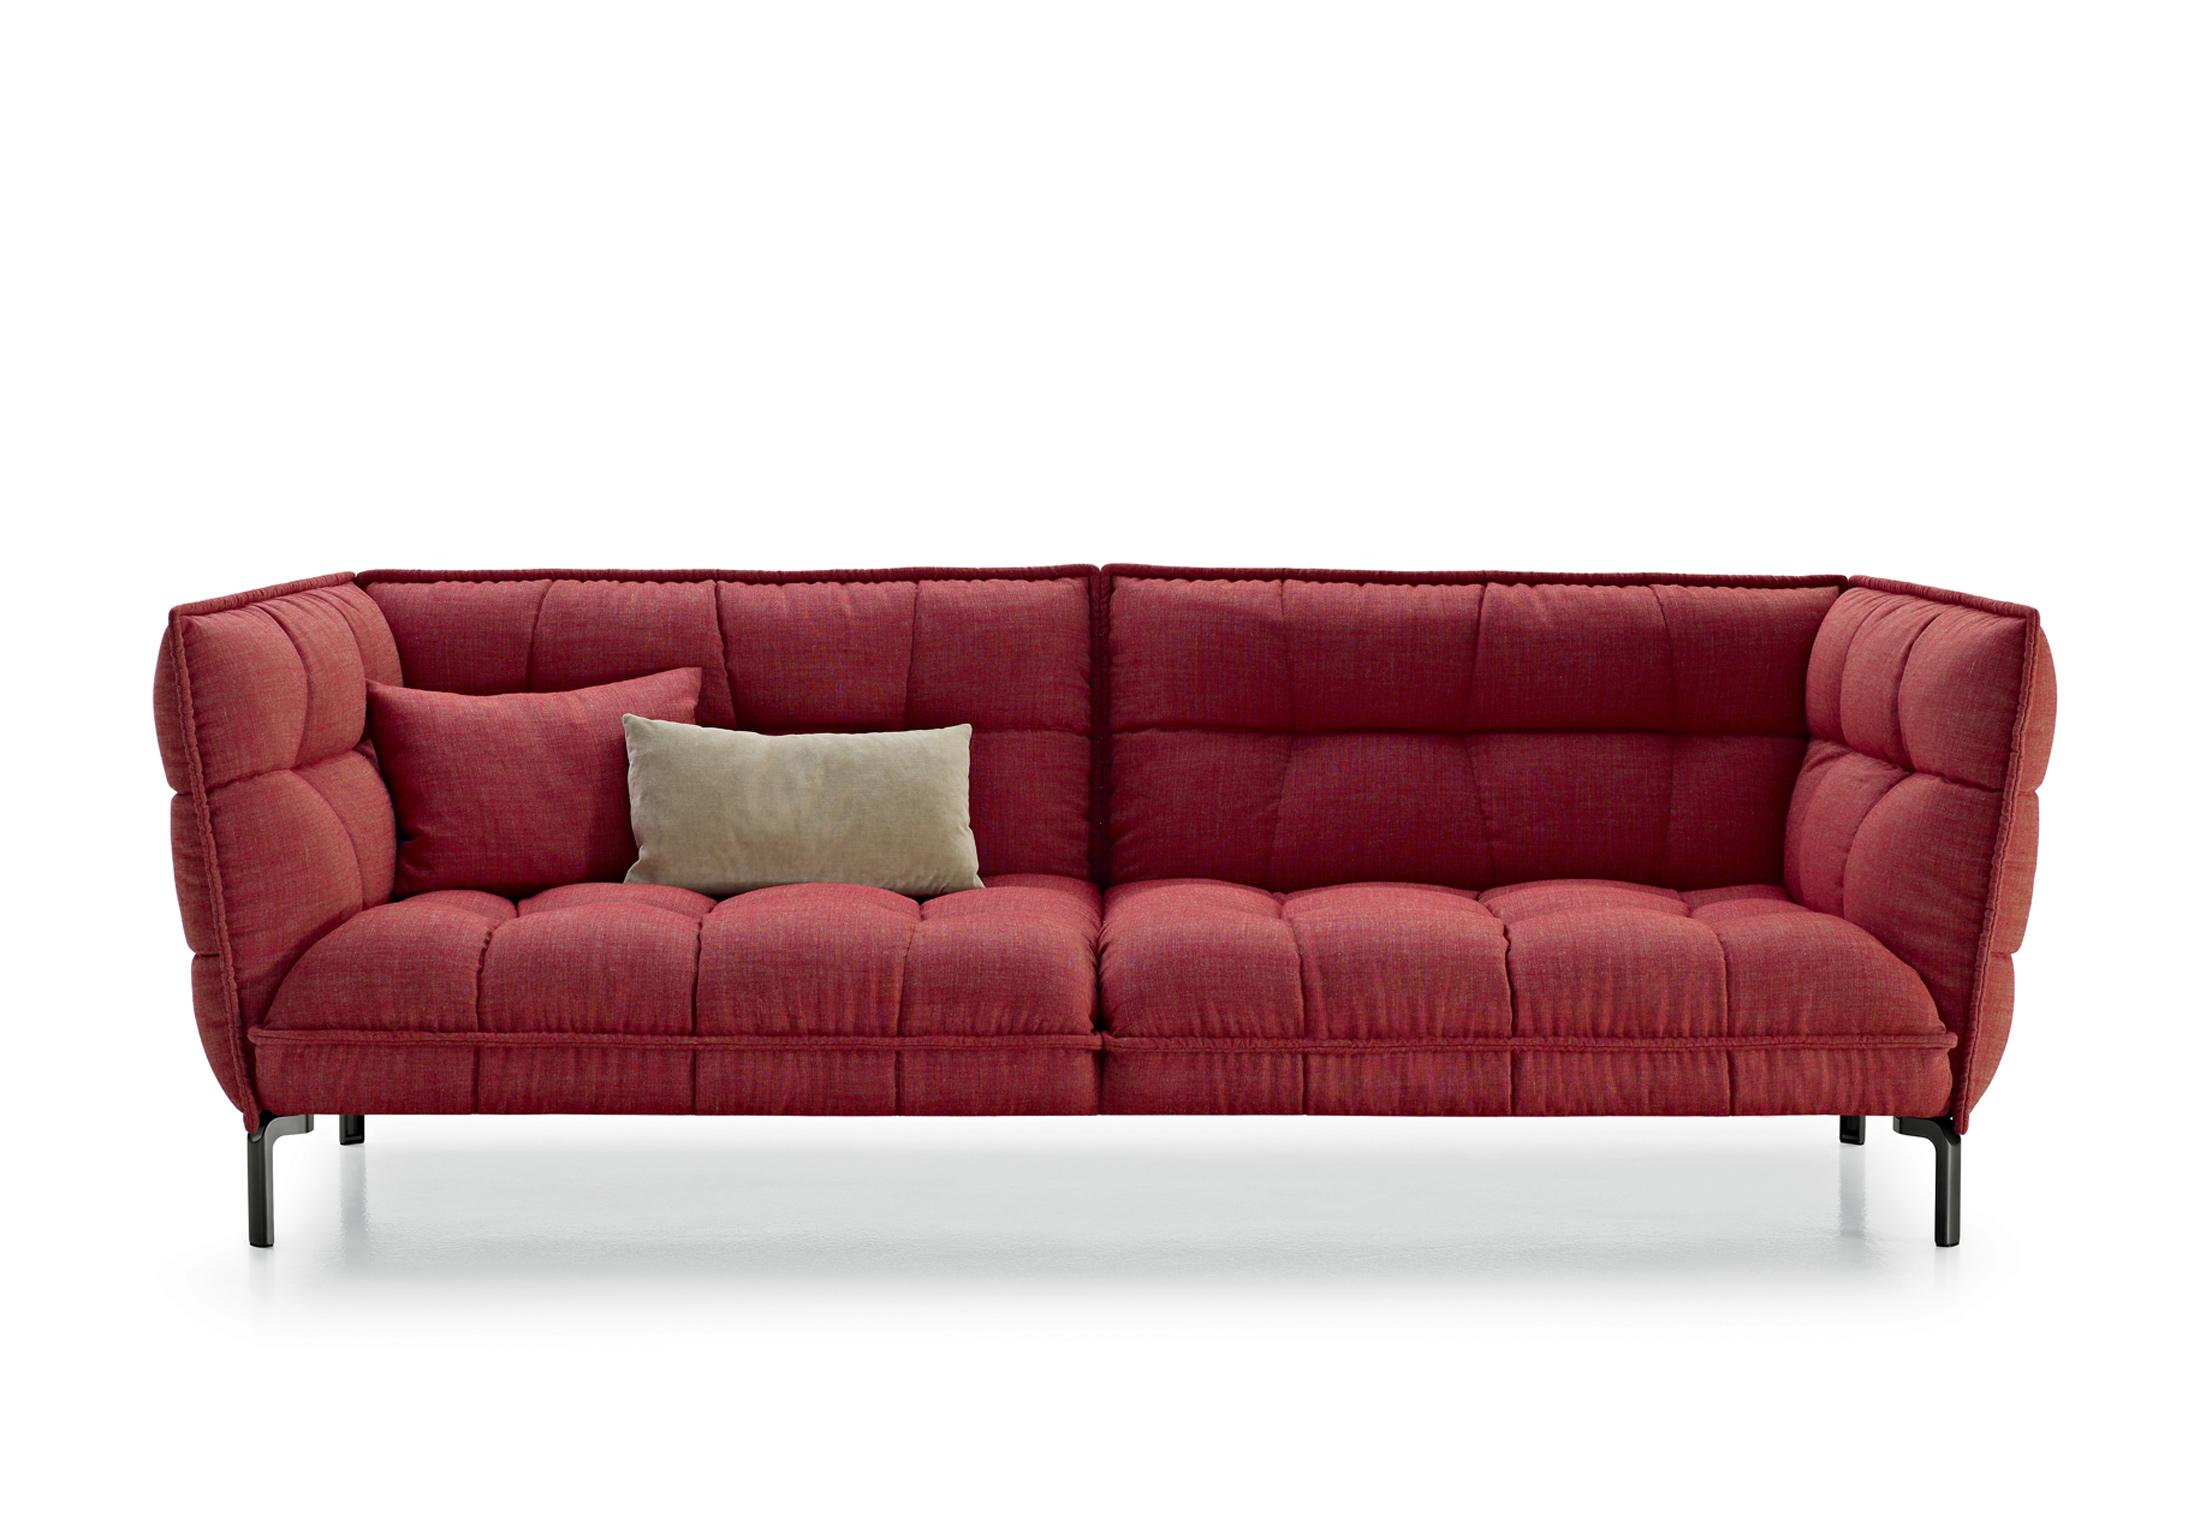 Husk sofa di b b italia divani e poltrone arredamento for B and b divani